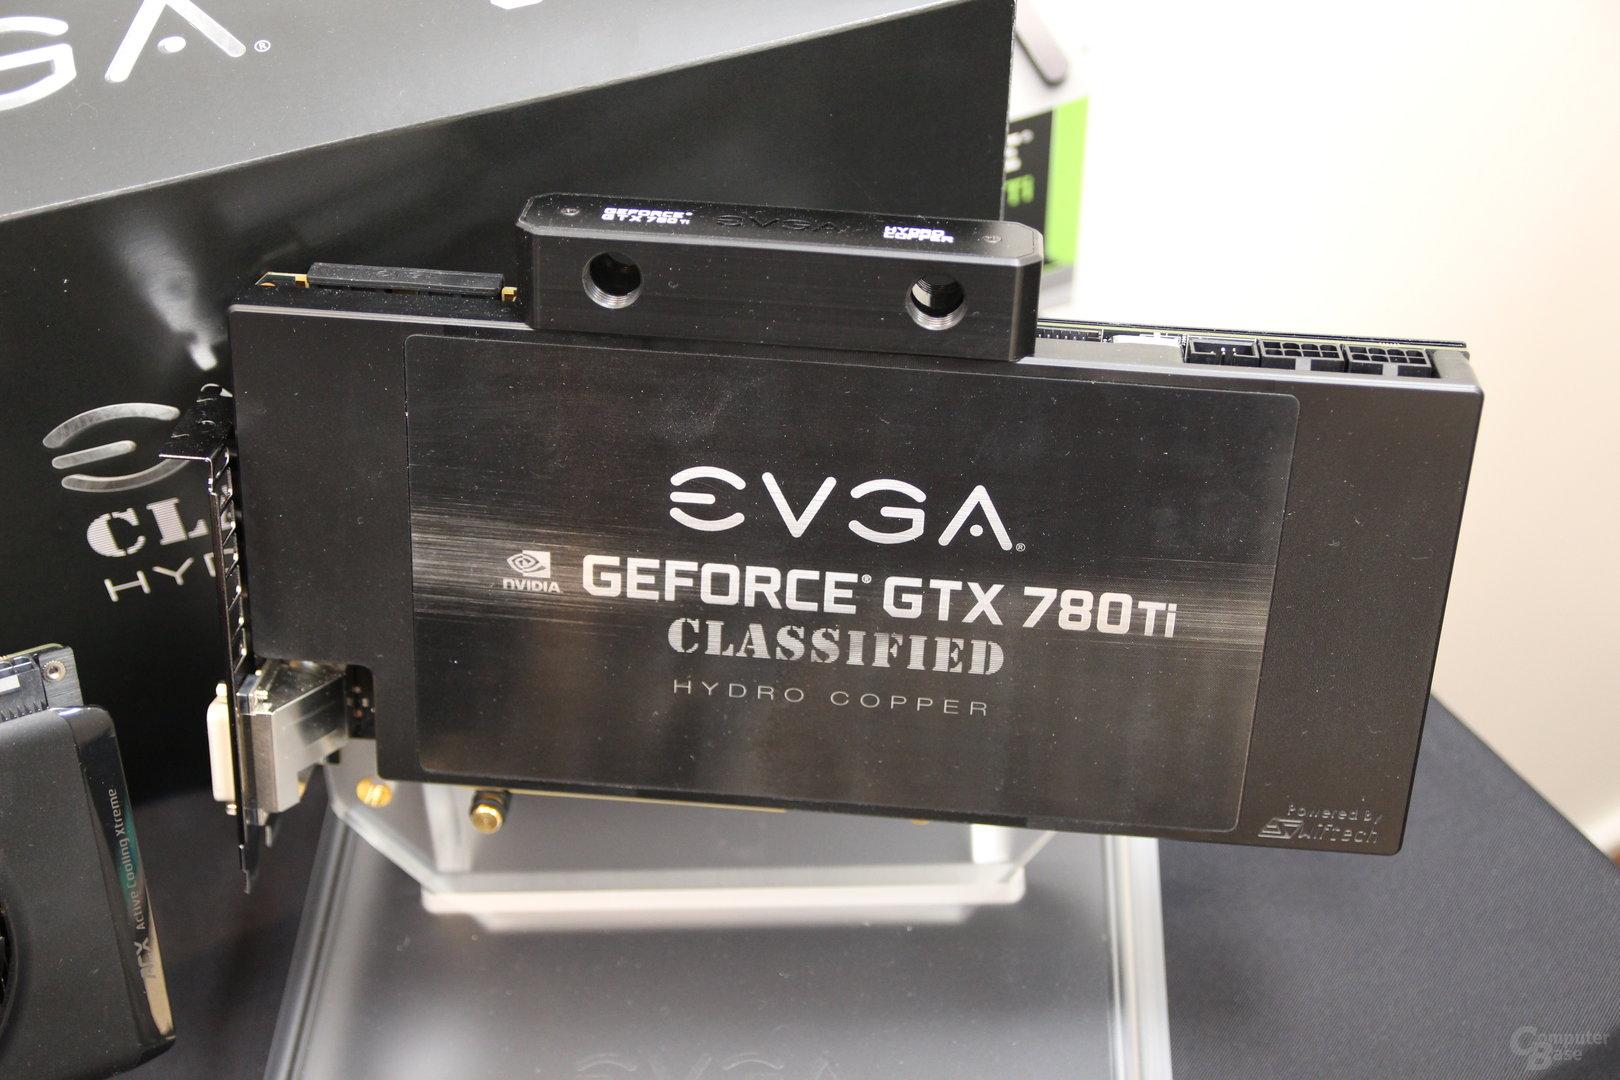 EVGA GeForce GTX 780 Ti Hydro Copper als optischer Vergleich